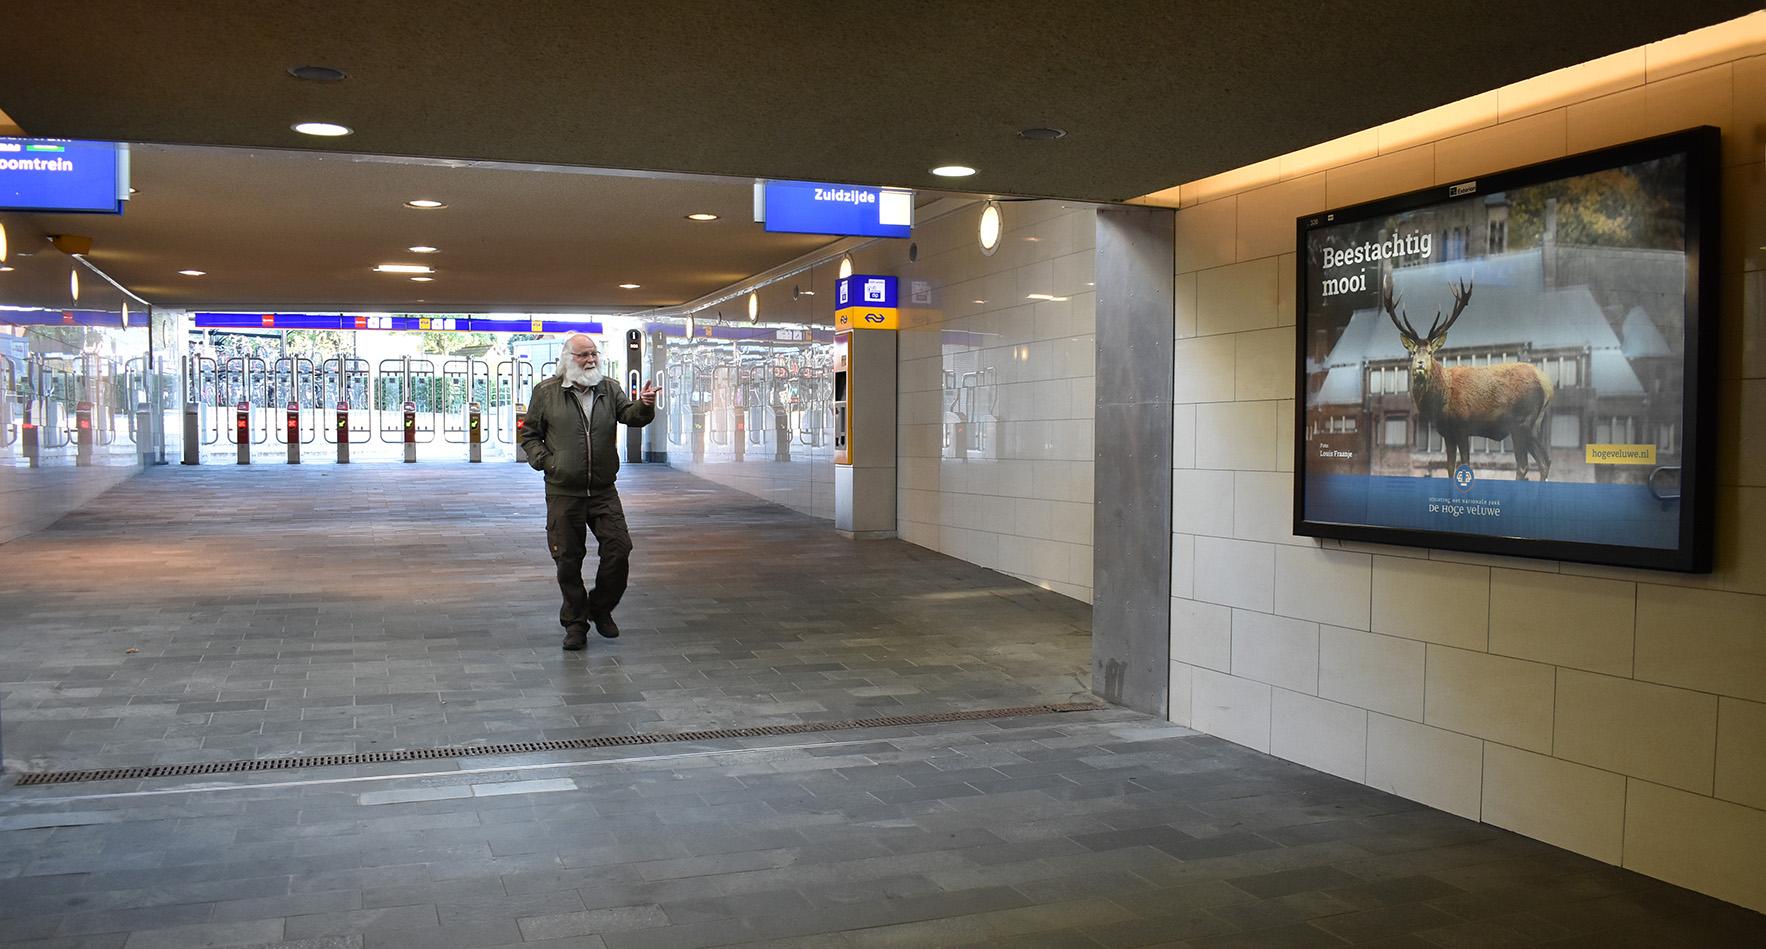 Vanaf de zuidzijde komt Louis door de reizigerstunnel aanwandelen – Foto: ©Fransien Fraanje